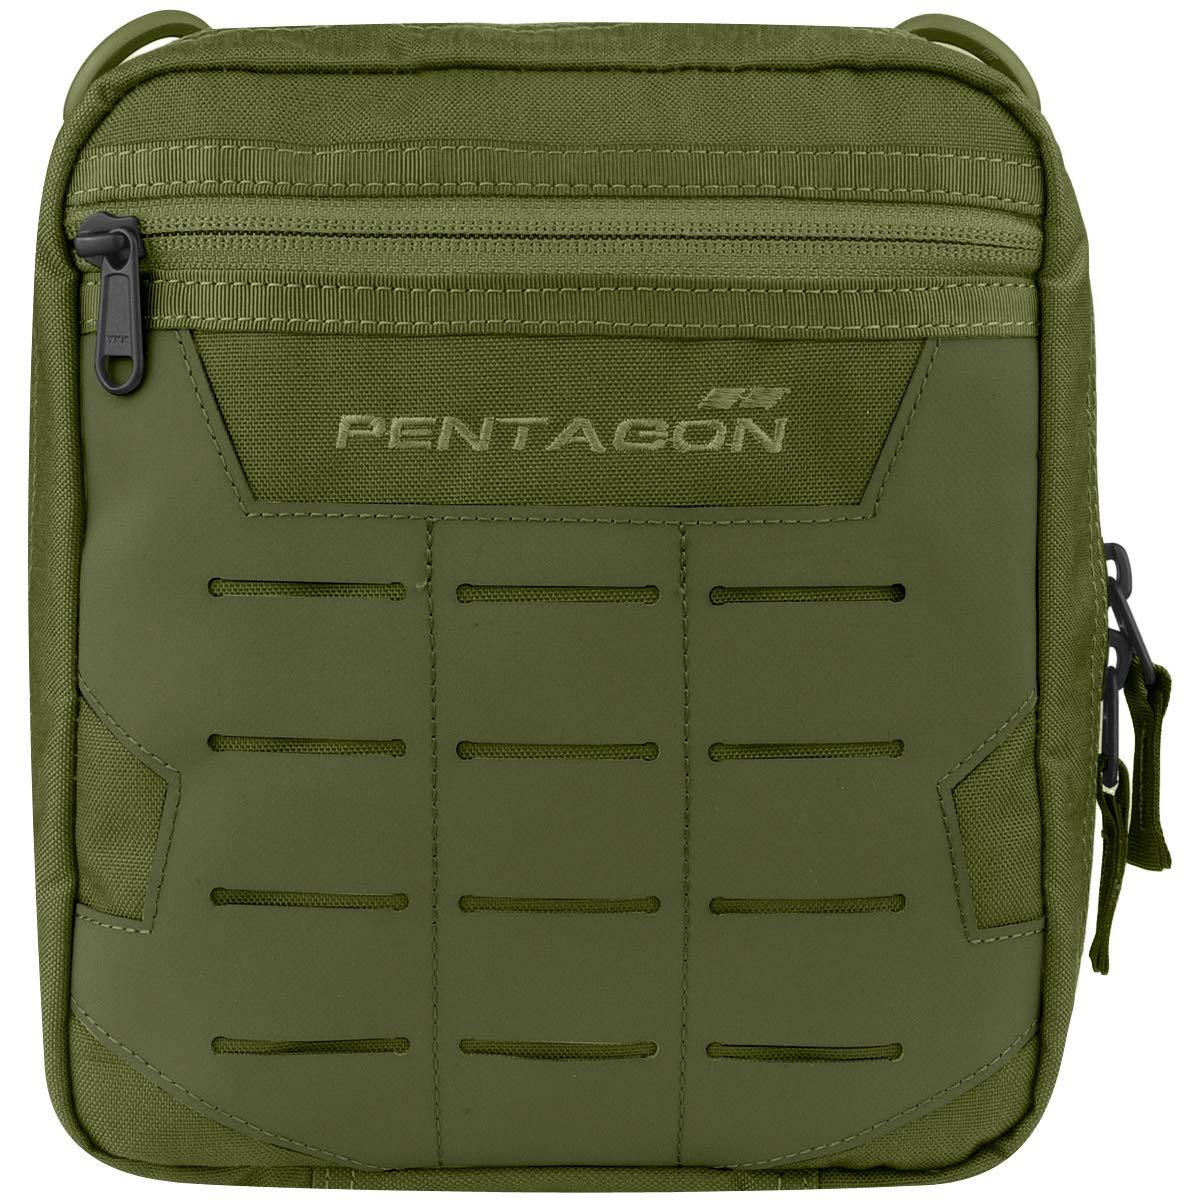 Pentagon EDC 2.0 Pouch Olive